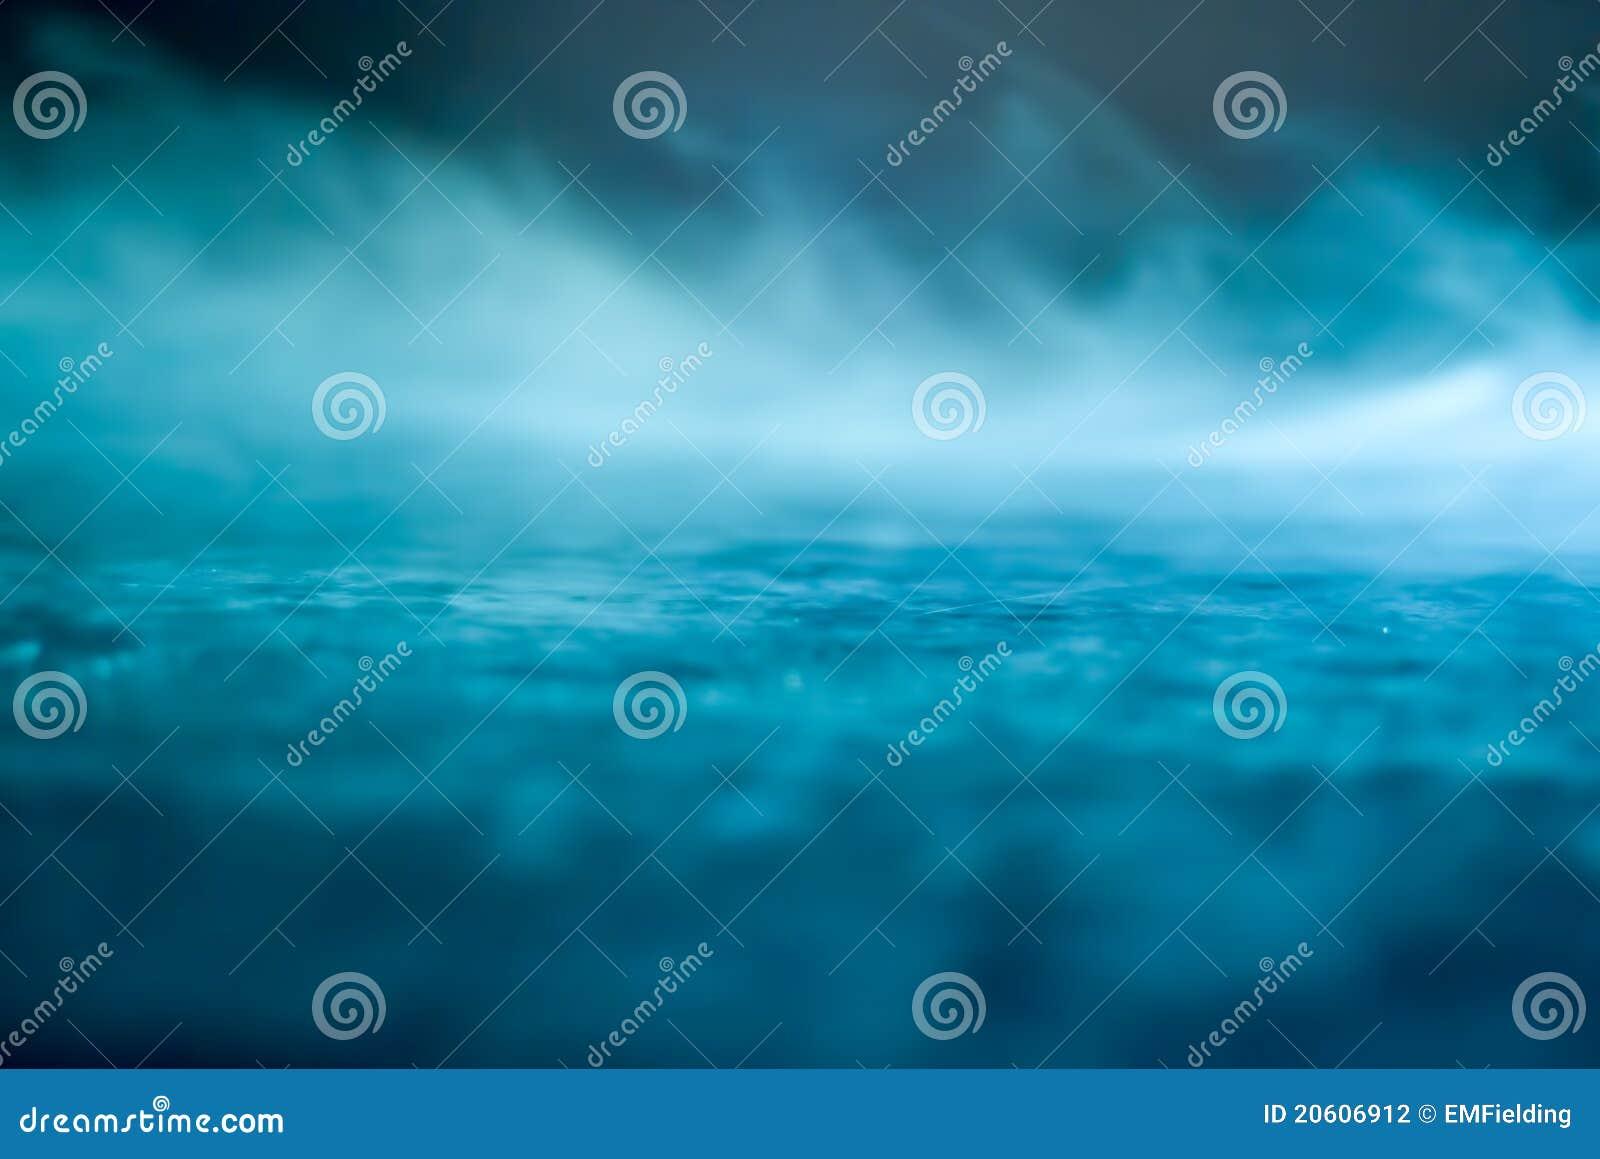 Nebel-Hintergrund